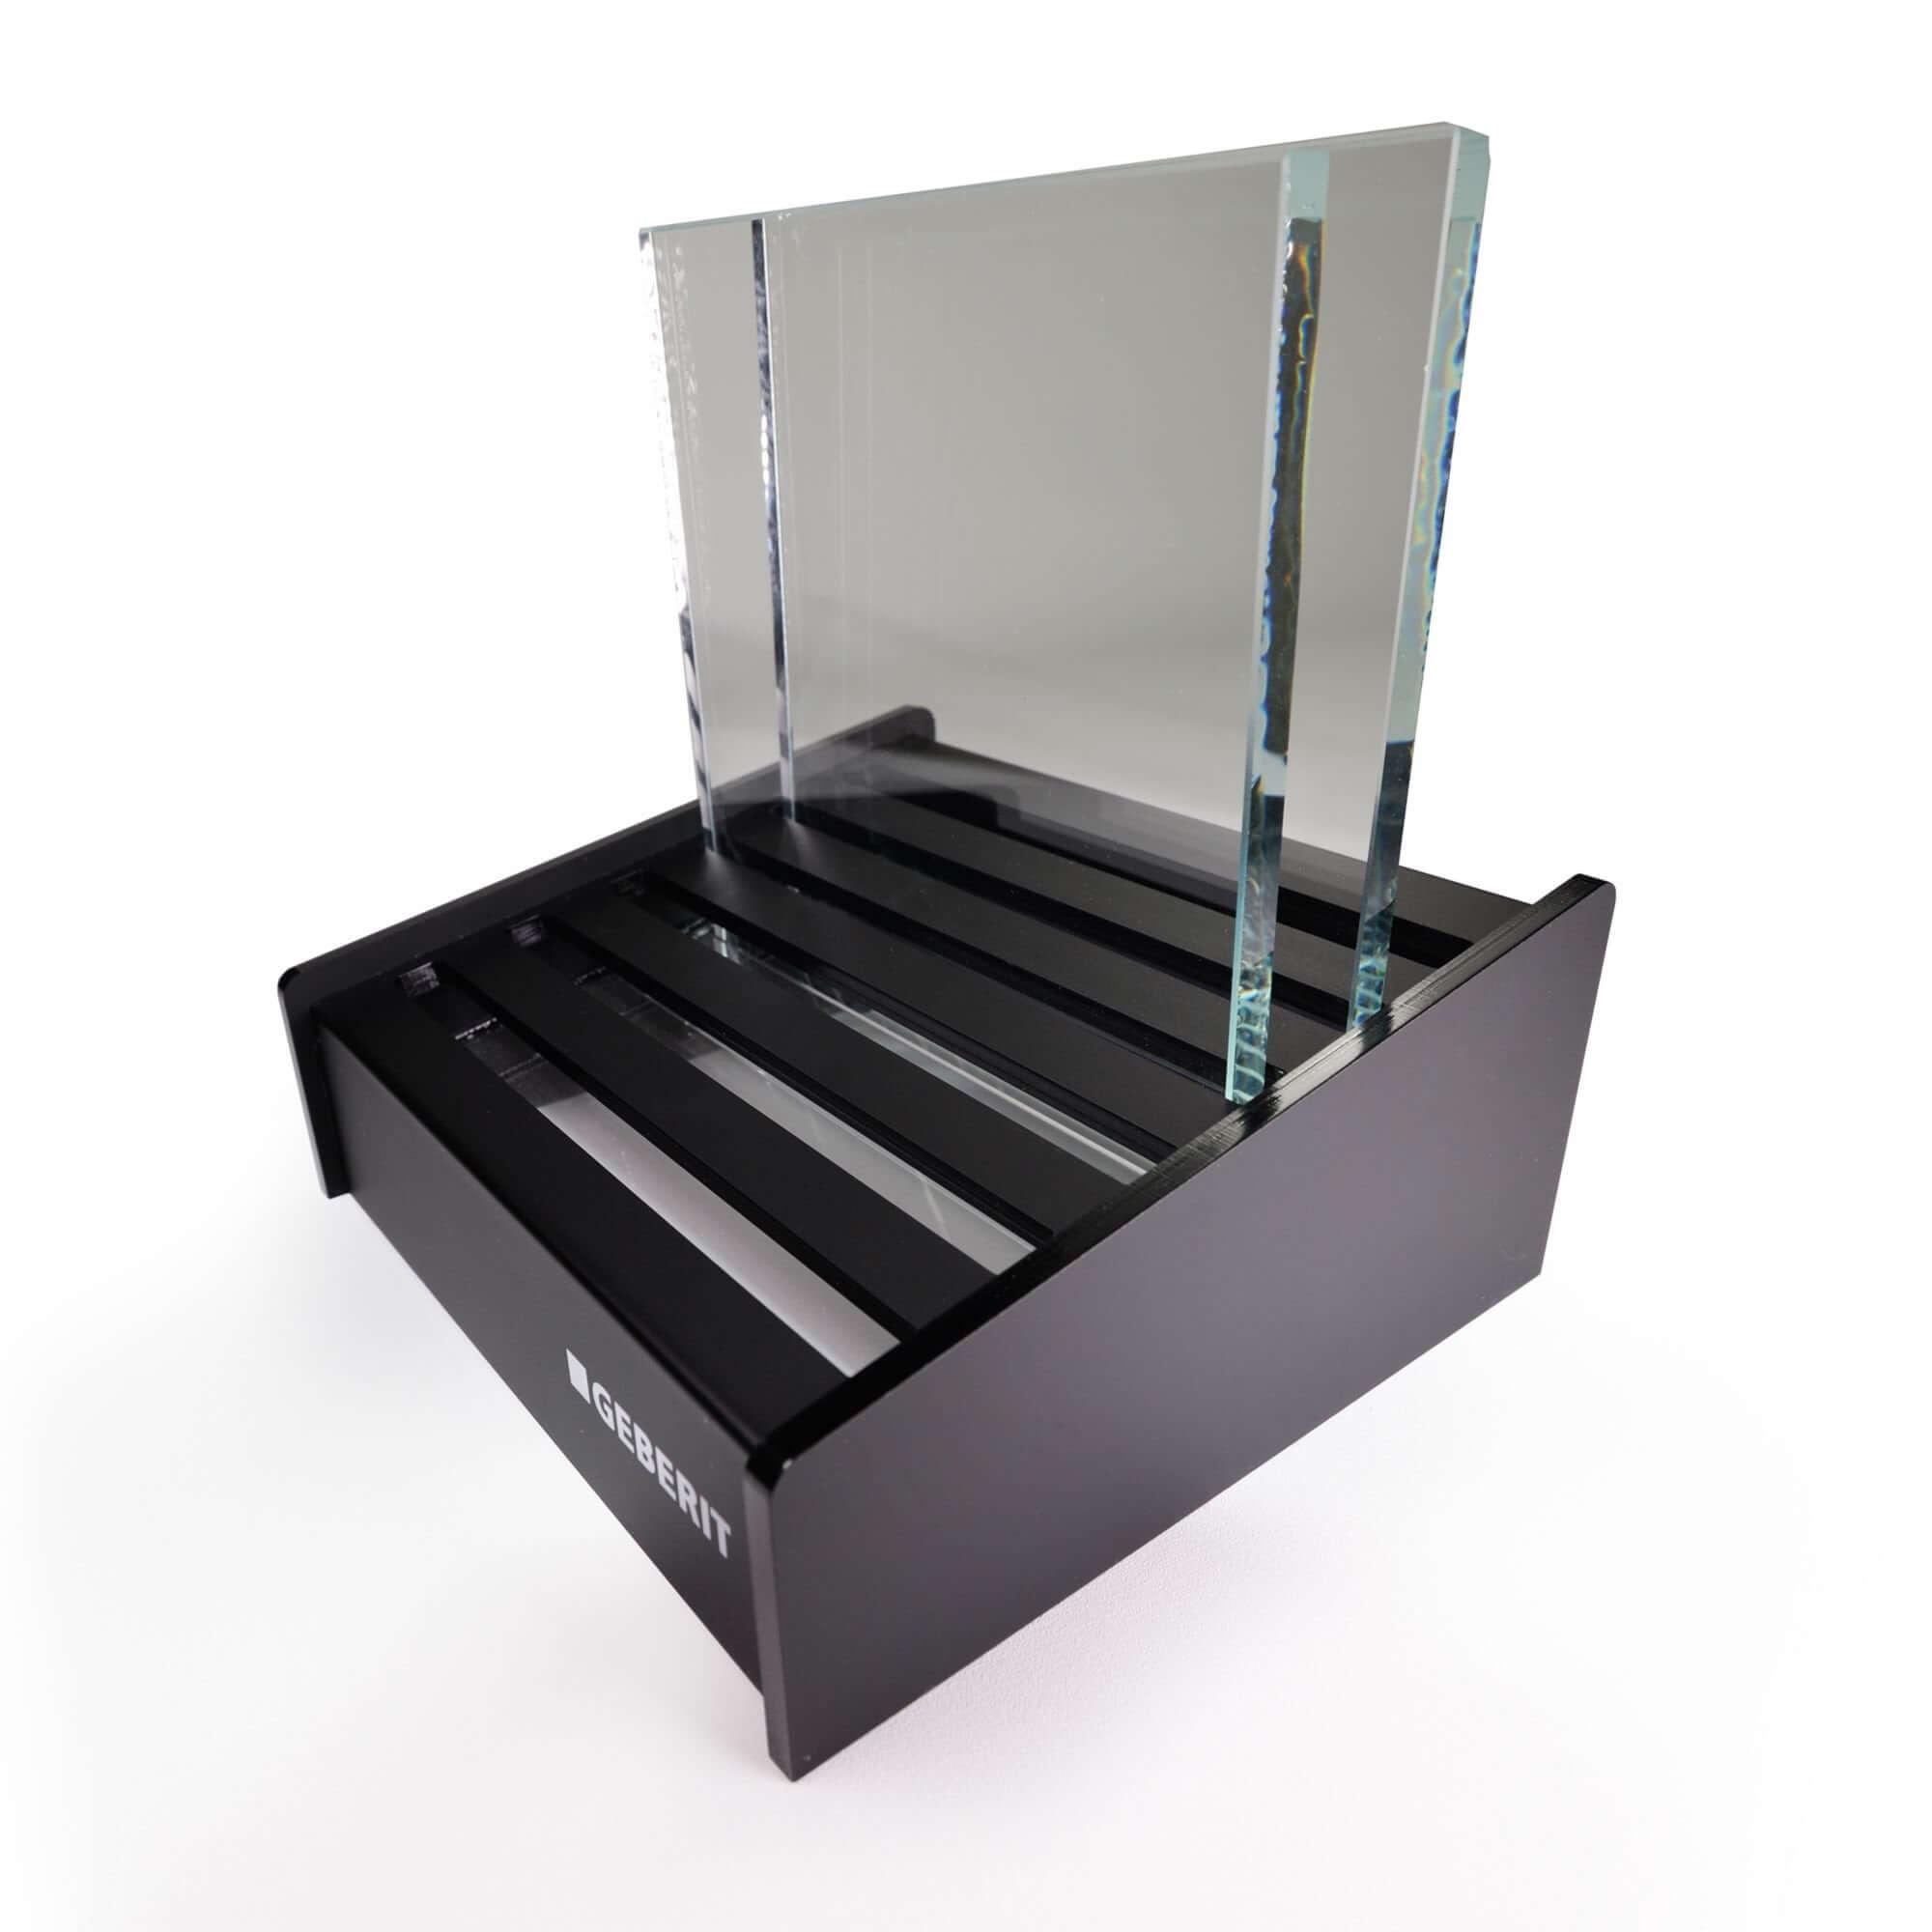 Acryline displays kunststoff bedruckt geklebt laser acryl verbindungstechnik